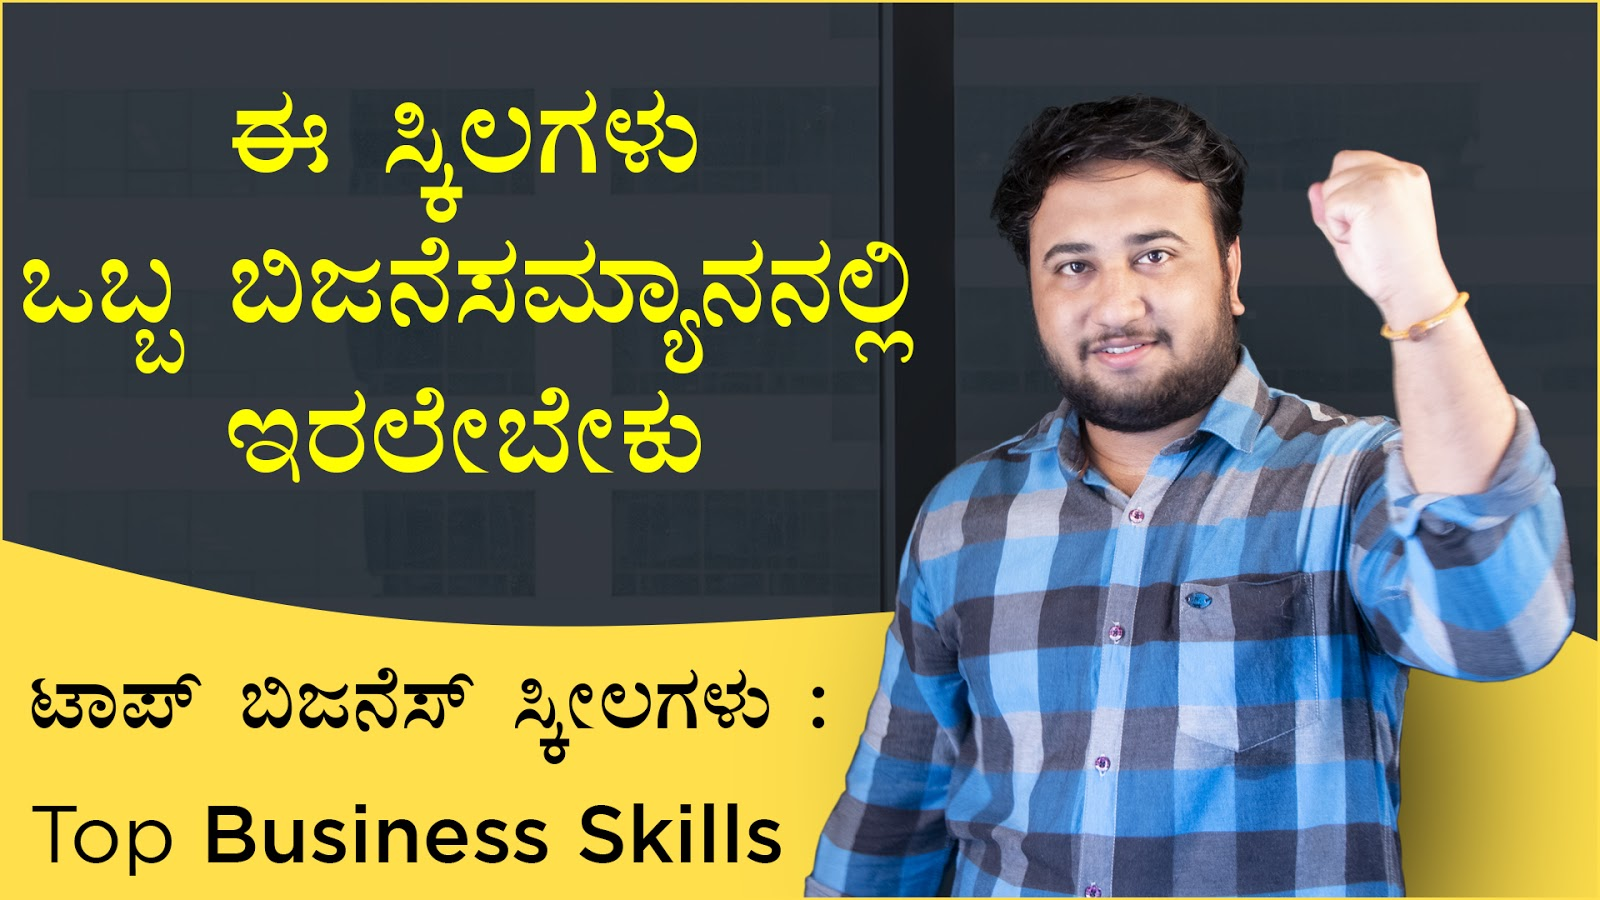 ಈ ಸ್ಕಿಲಗಳು ಒಬ್ಬ ಬಿಜನೆಸಮ್ಯಾನನಲ್ಲಿ ಇರಲೇಬೇಕು - ಟಾಪ್ ಬಿಜನೆಸ್ ಸ್ಕೀಲಗಳು : Top Business Skills